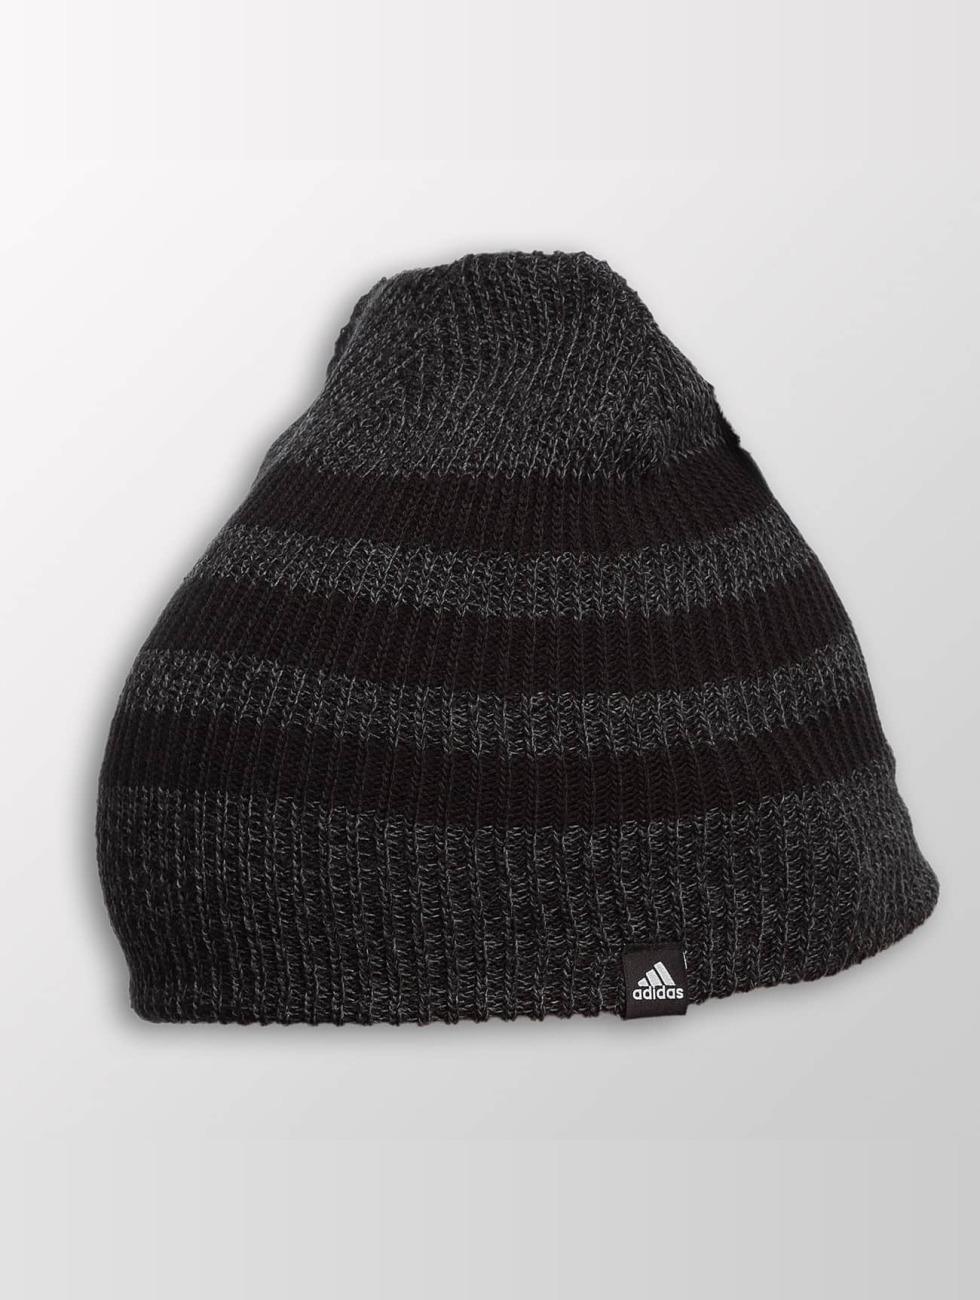 adidas originals шляпа Adidas 3S черный